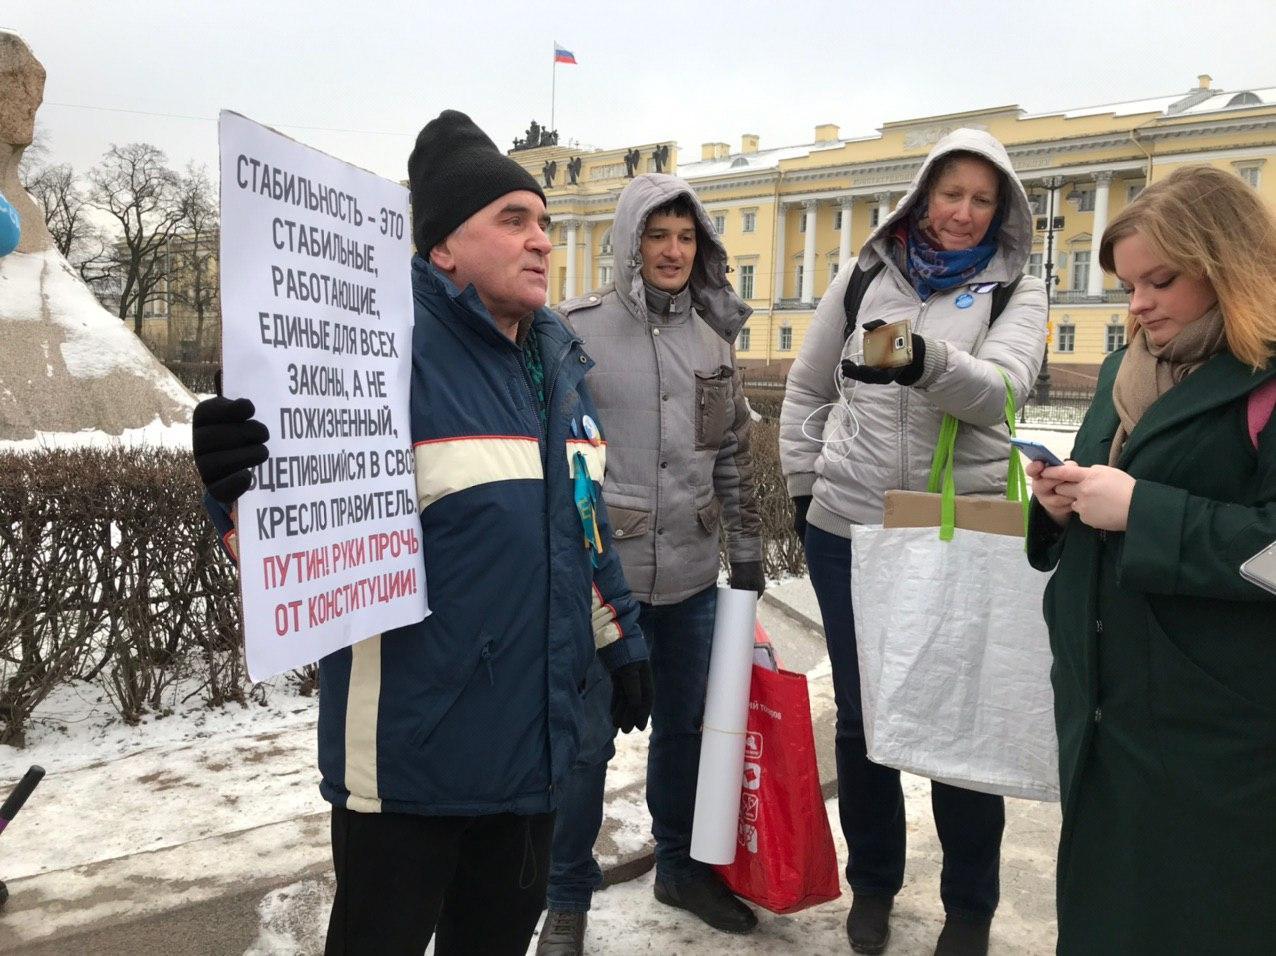 фото ЗакС политика На Сенатской площади начался народный сход против поправок в Конституцию